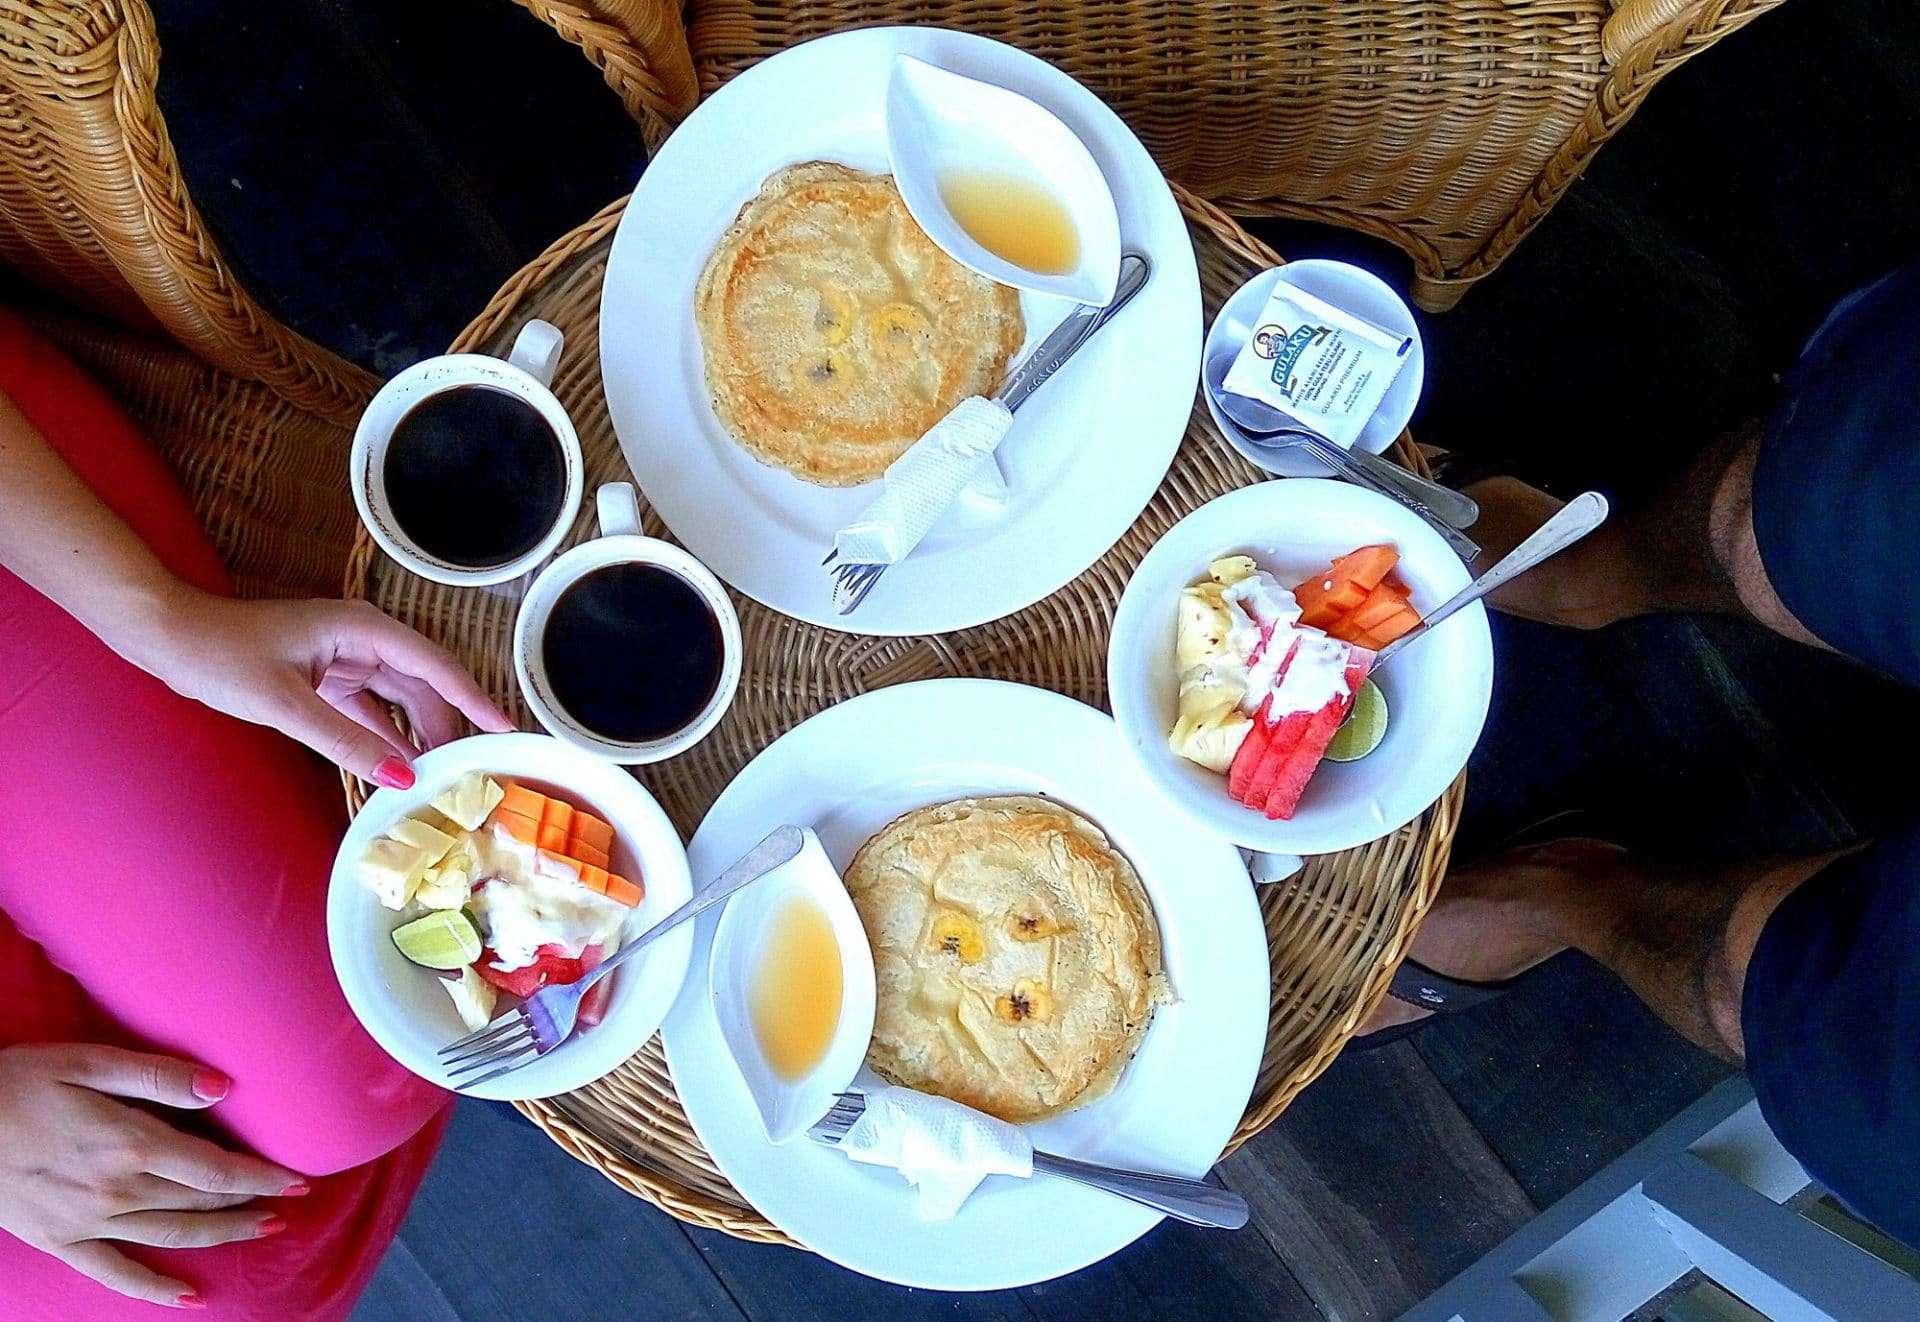 La mia vita da viaggiatrice vegetariana a confronto con le cucine del mondo